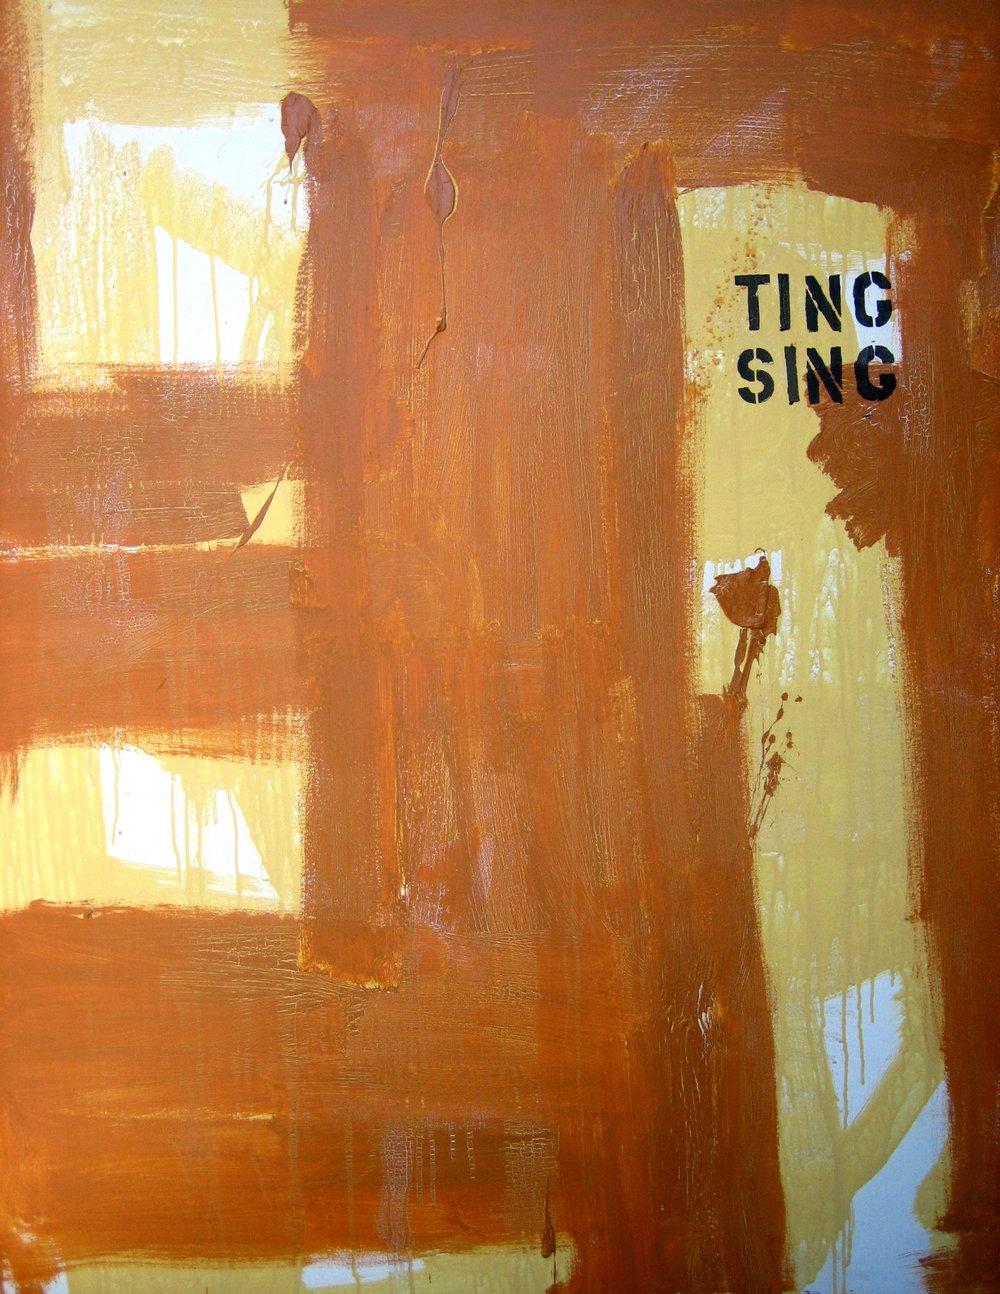 Ting Sing